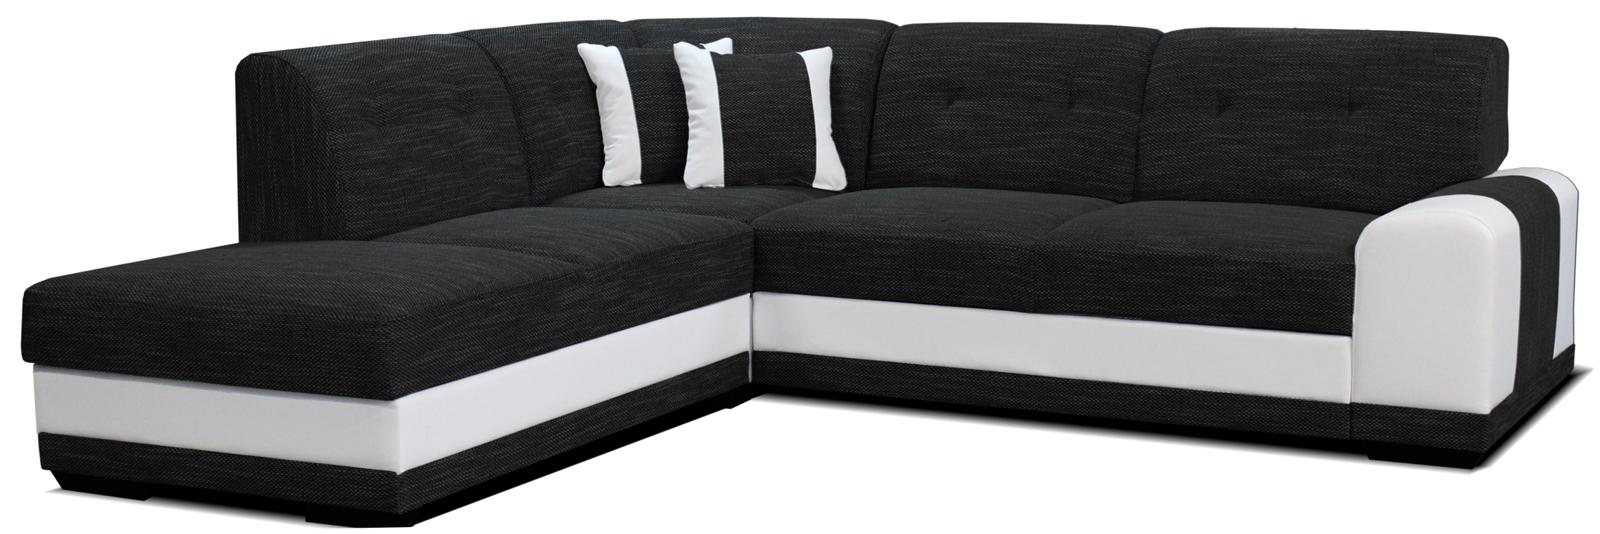 Rohová sedací souprava - Po-Sed - Bella Lux L+2F (černá + bílá) (L)